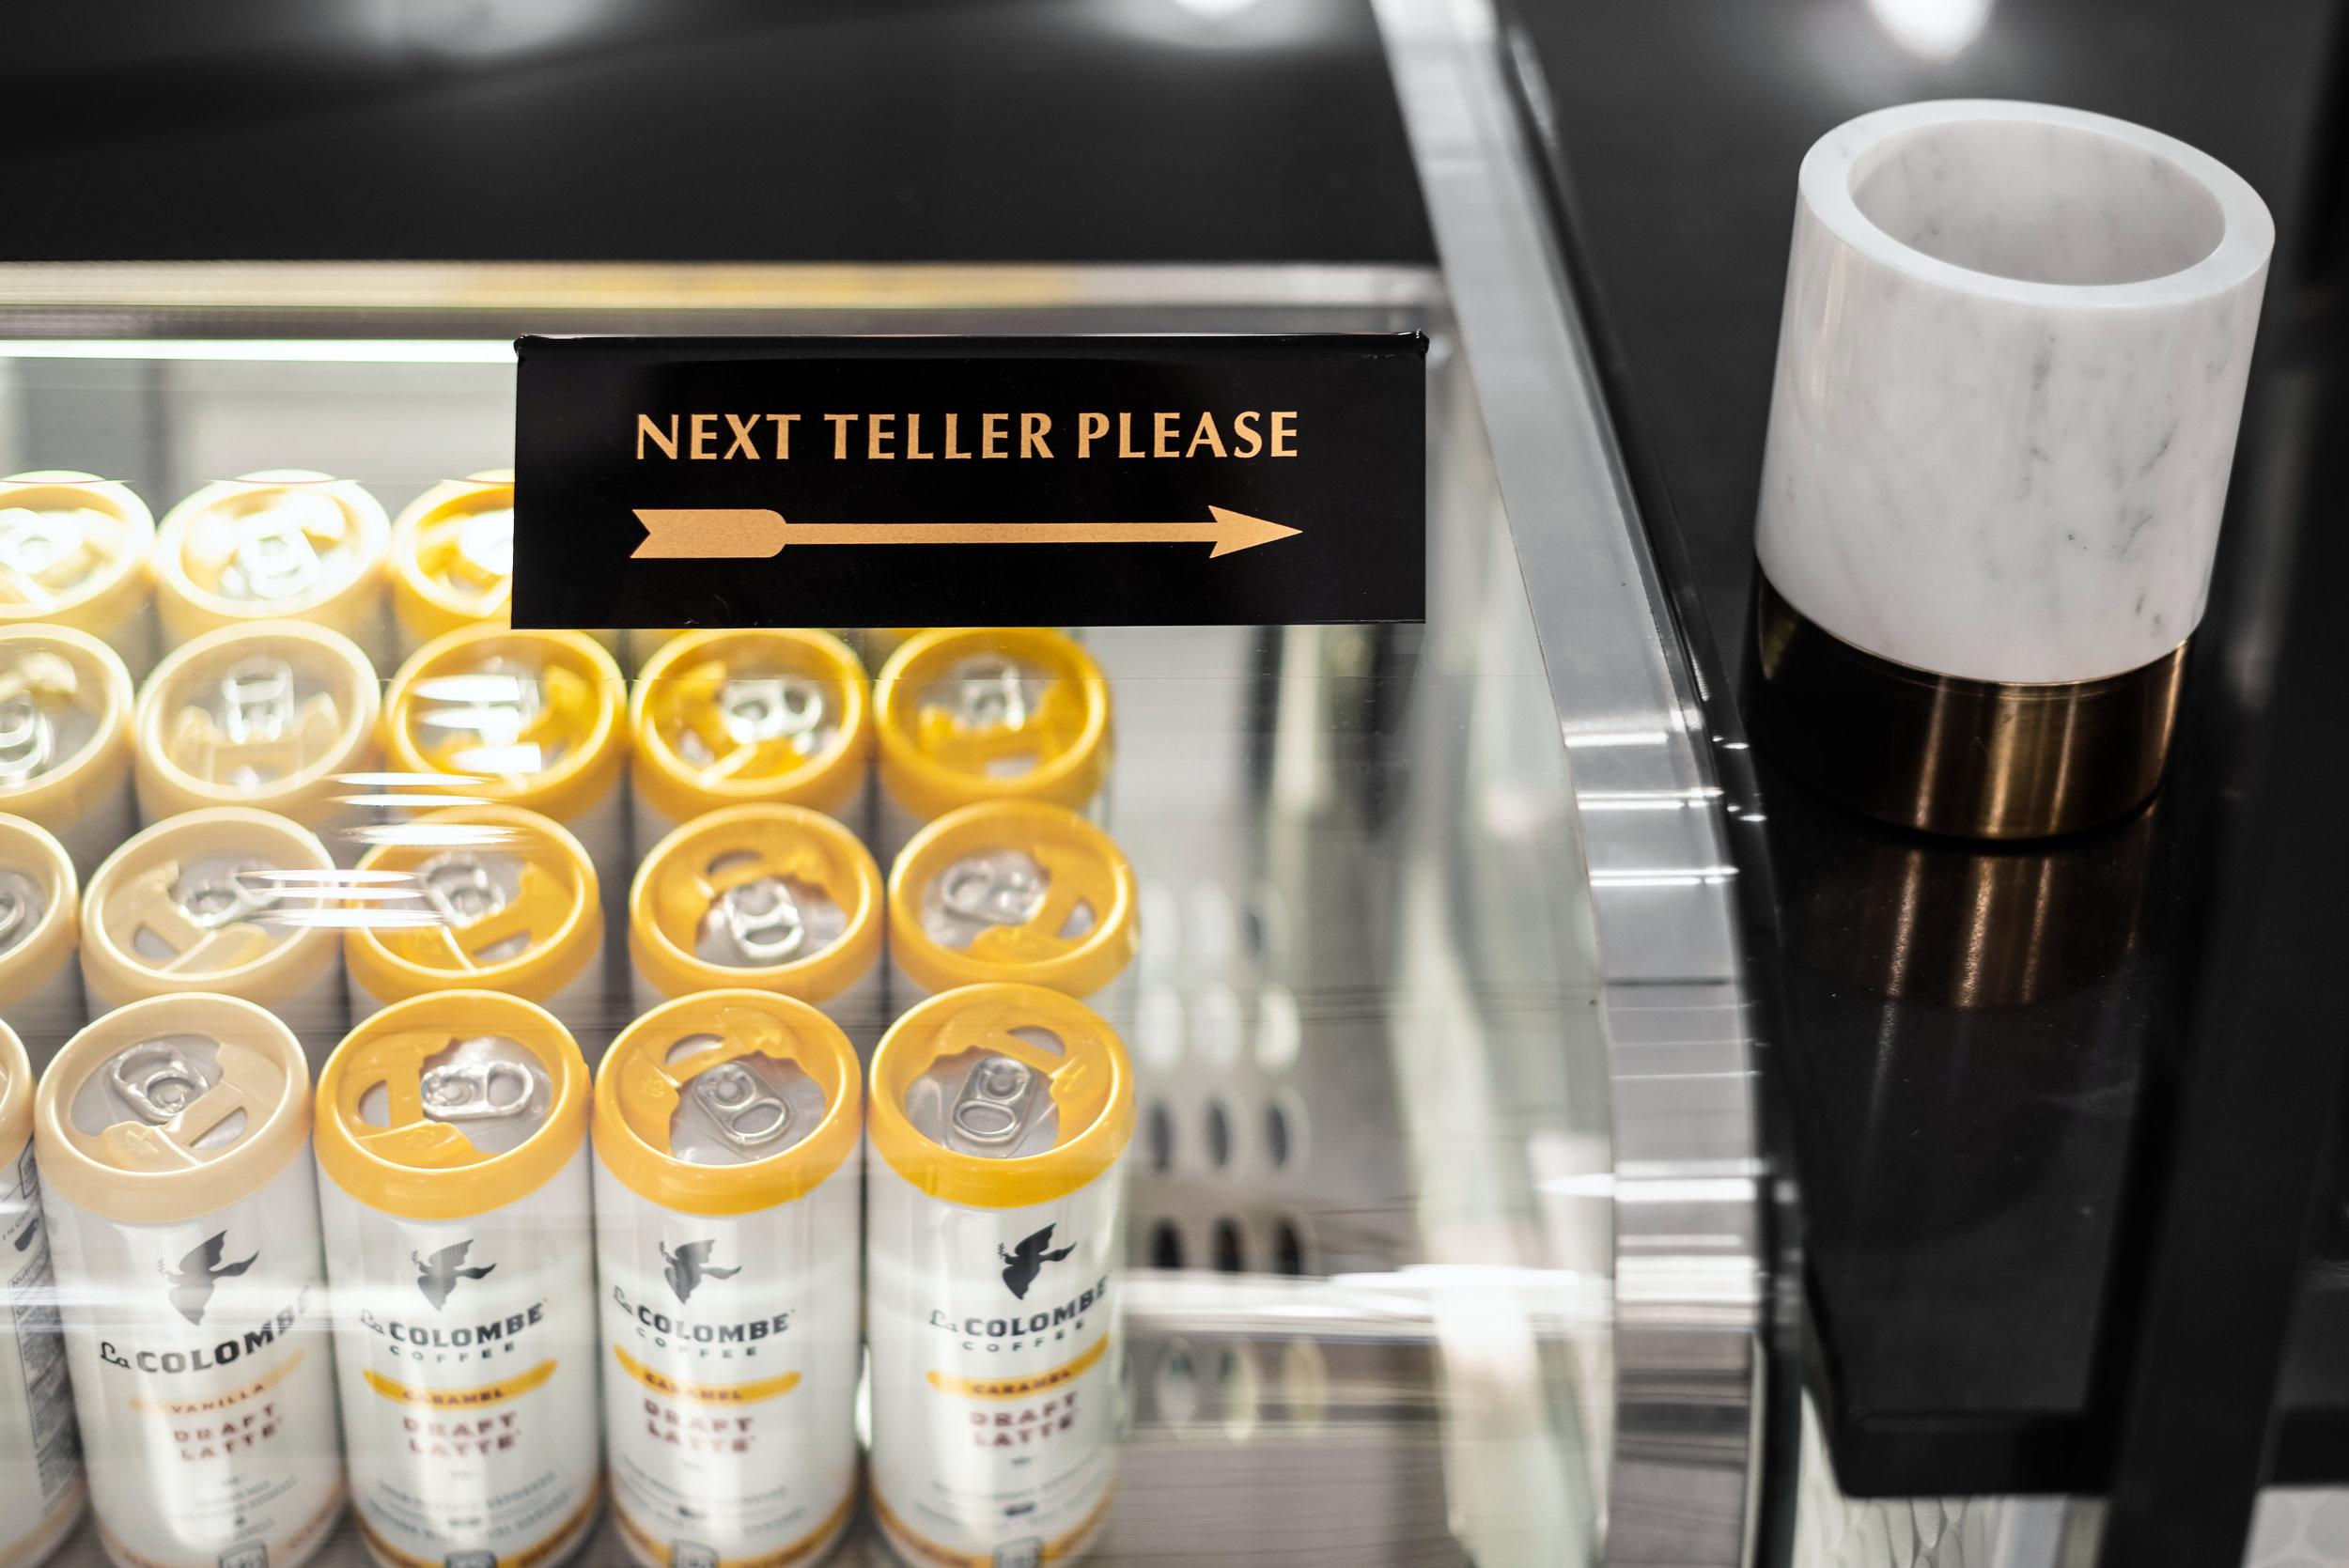 Next_Teller_Please.jpg